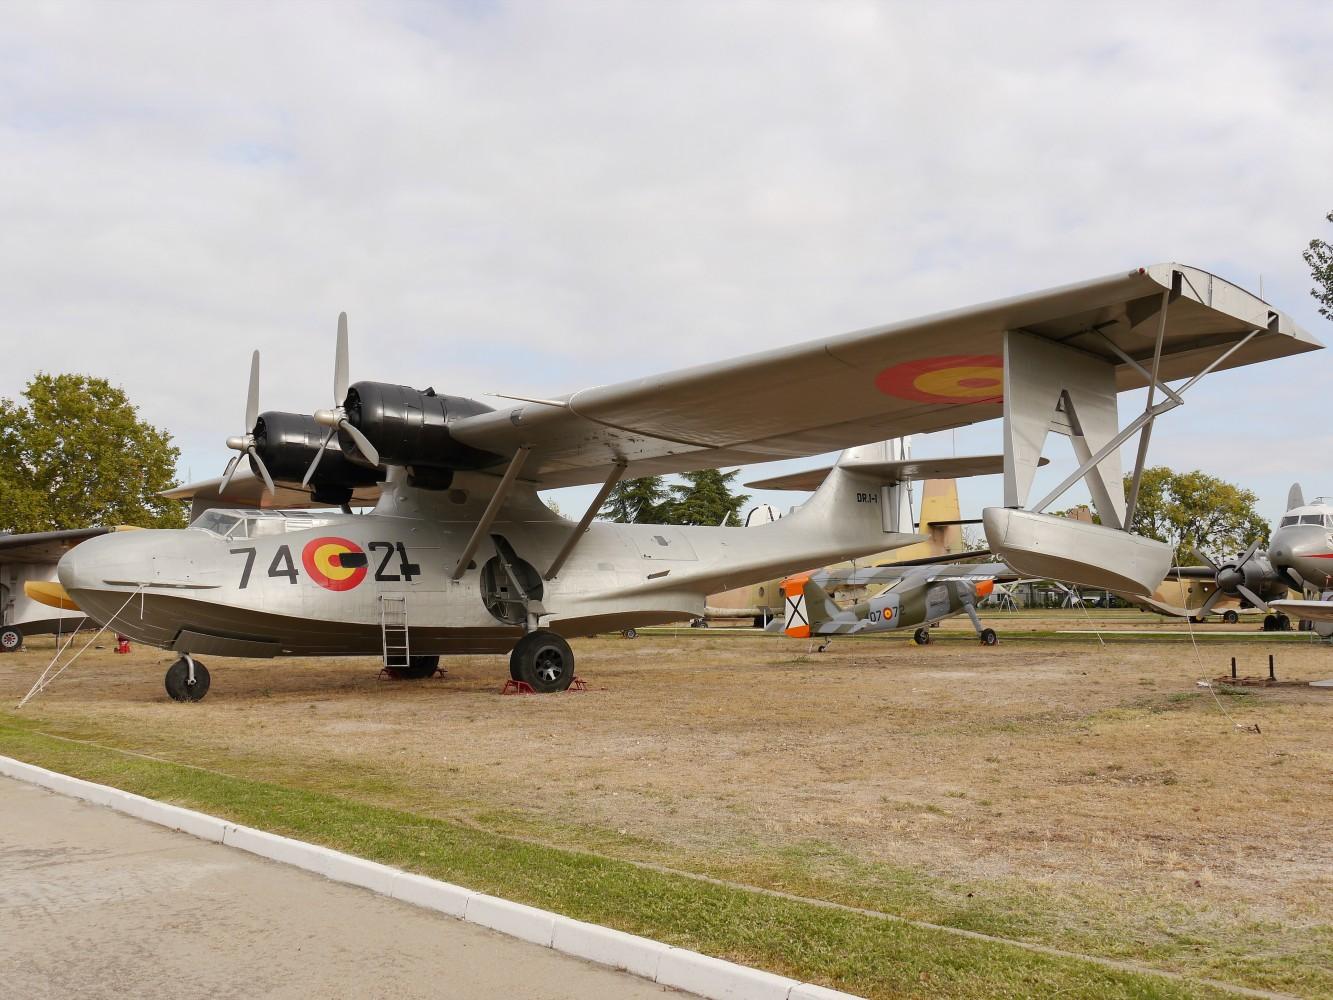 Kliknij obrazek, aby uzyskać większą wersję  Nazwa:PBY-5A.jpg Wyświetleń:41 Rozmiar:318,3 KB ID:224914